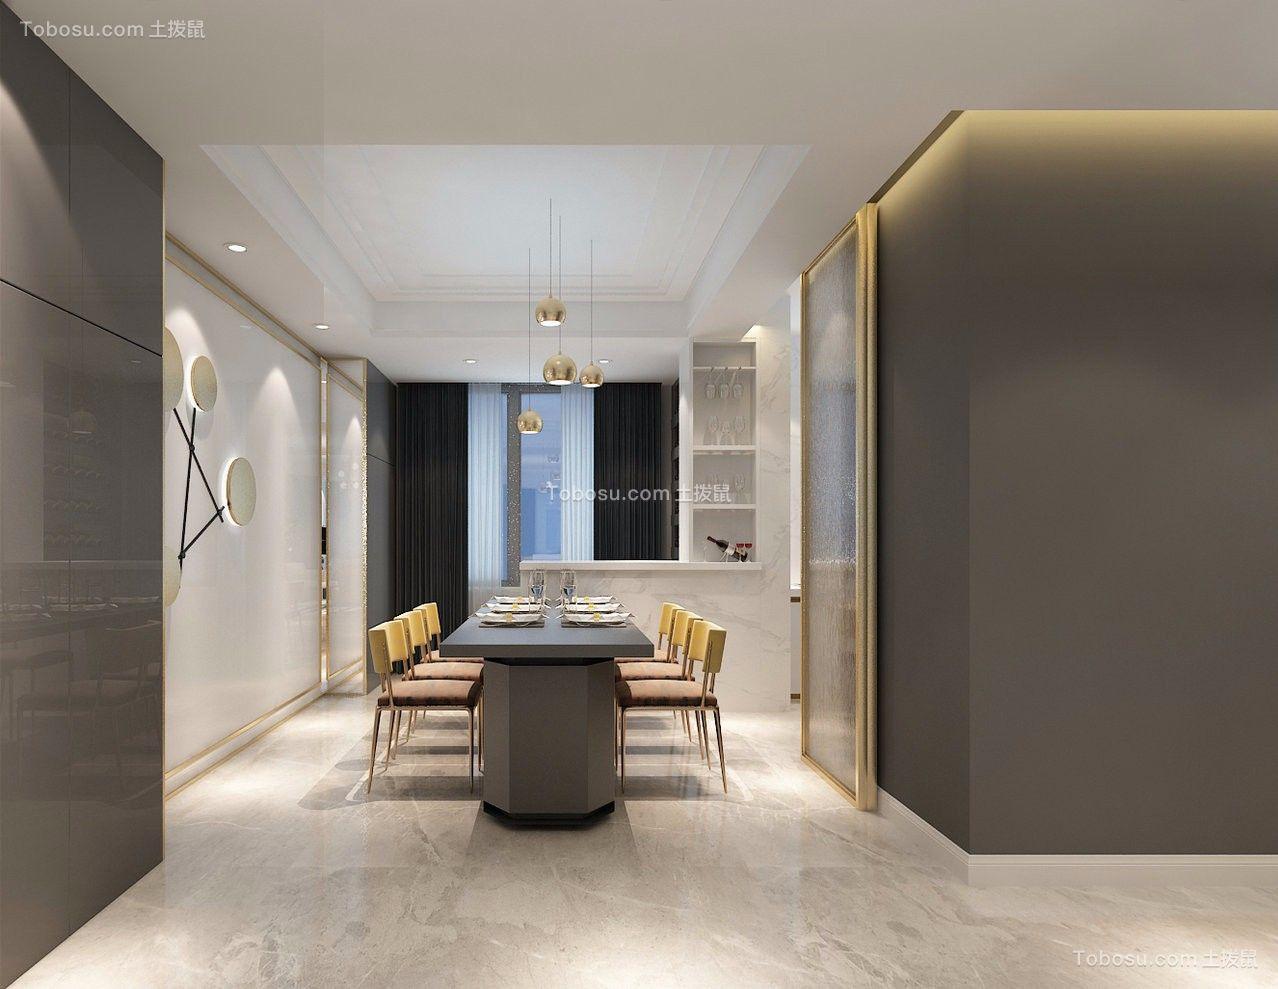 餐厅灰色背景墙简约风格装潢设计图片